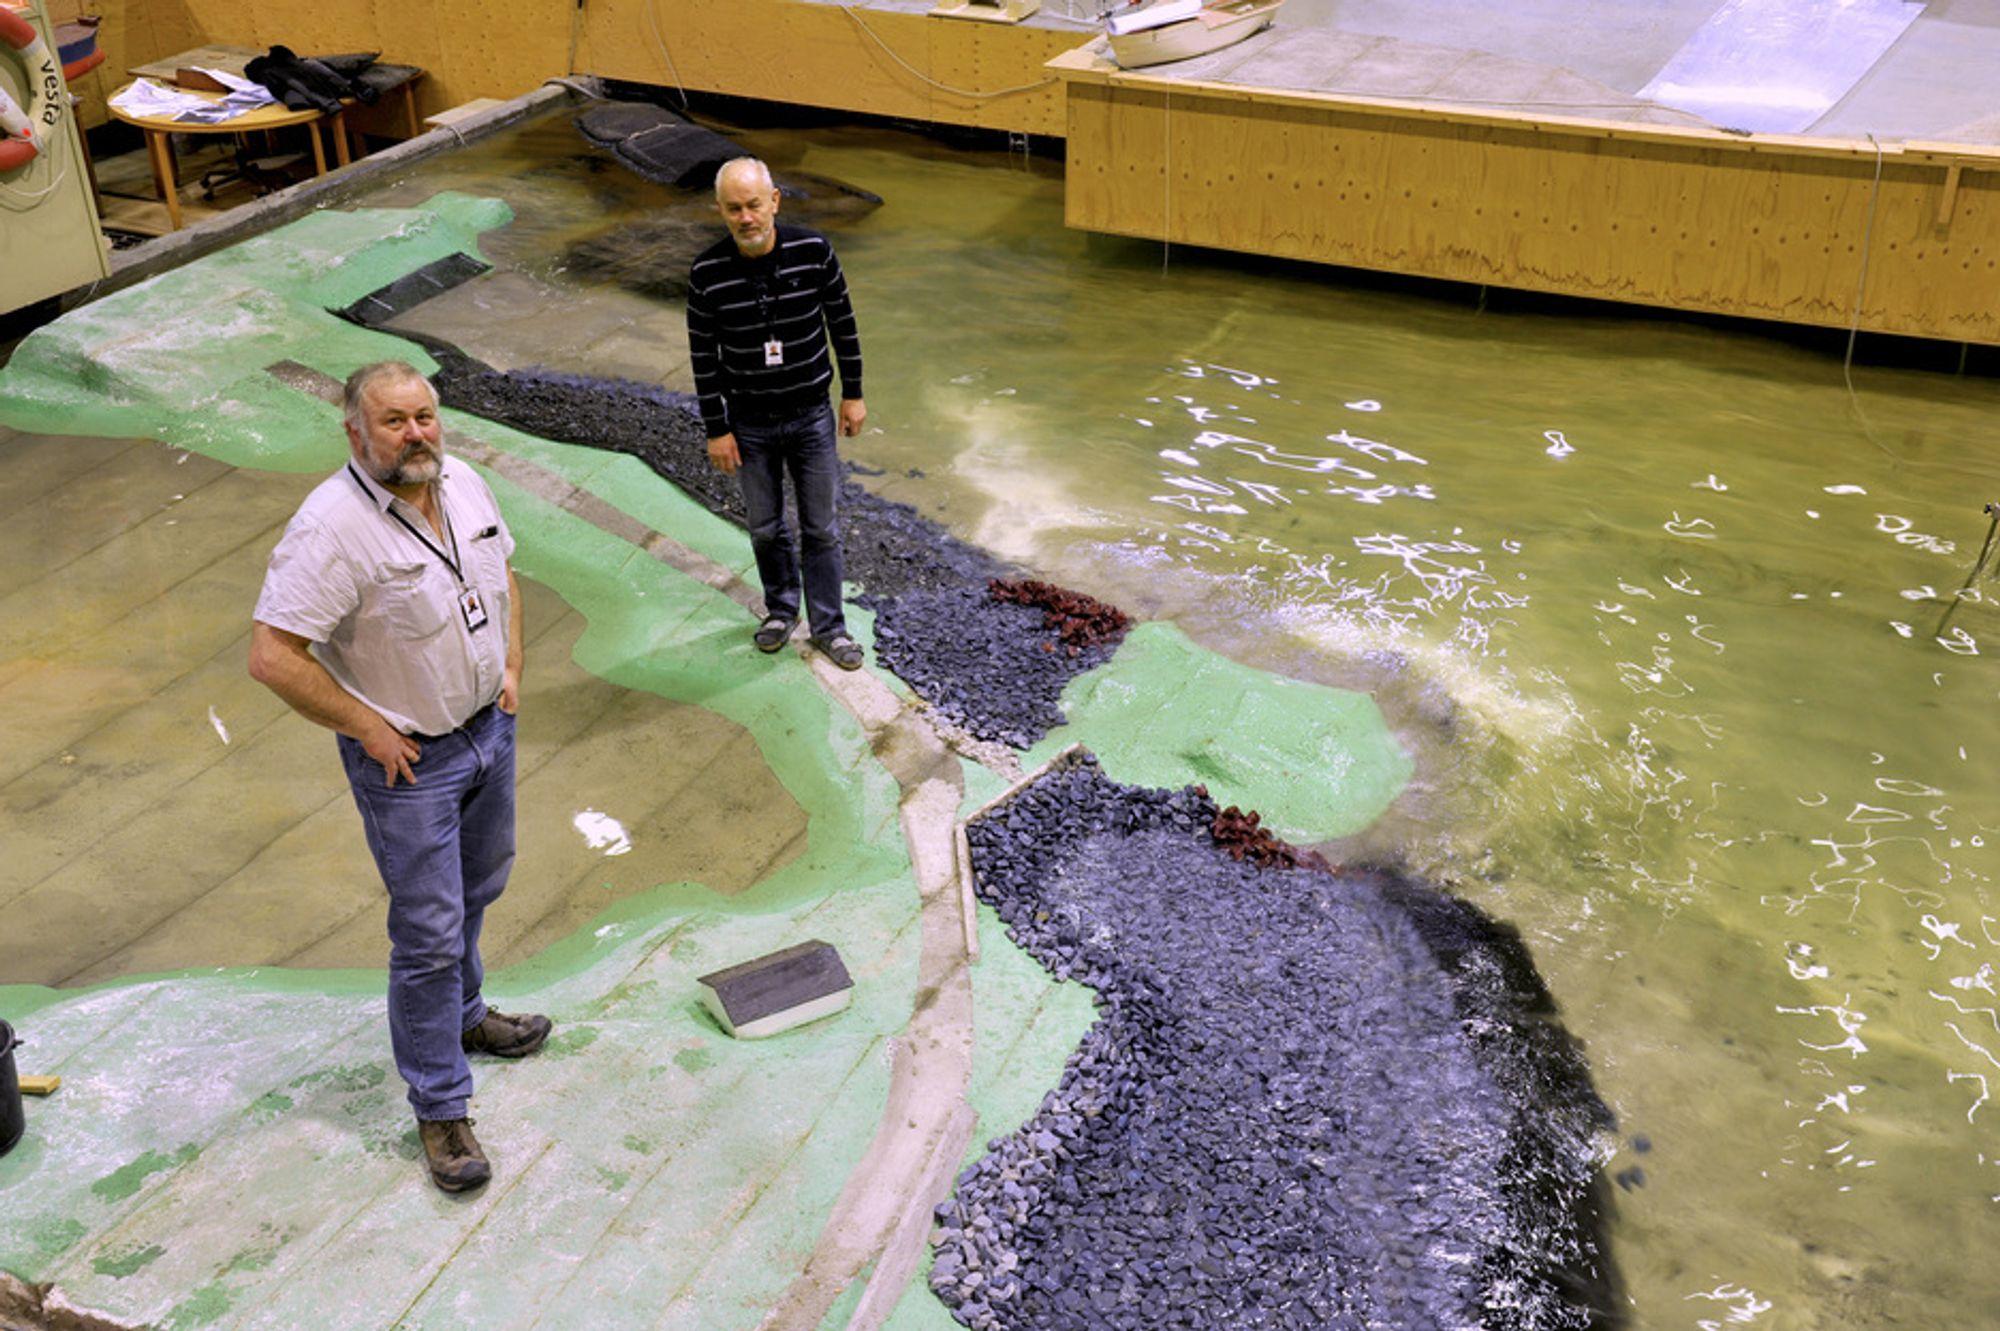 Seniorforsker Arne Erling Lothe og prosjektmedarbeider Svein Vold ved SINTEF, kyst- og havnelaboratoriet i Trondheim, diskuterer løsningen.